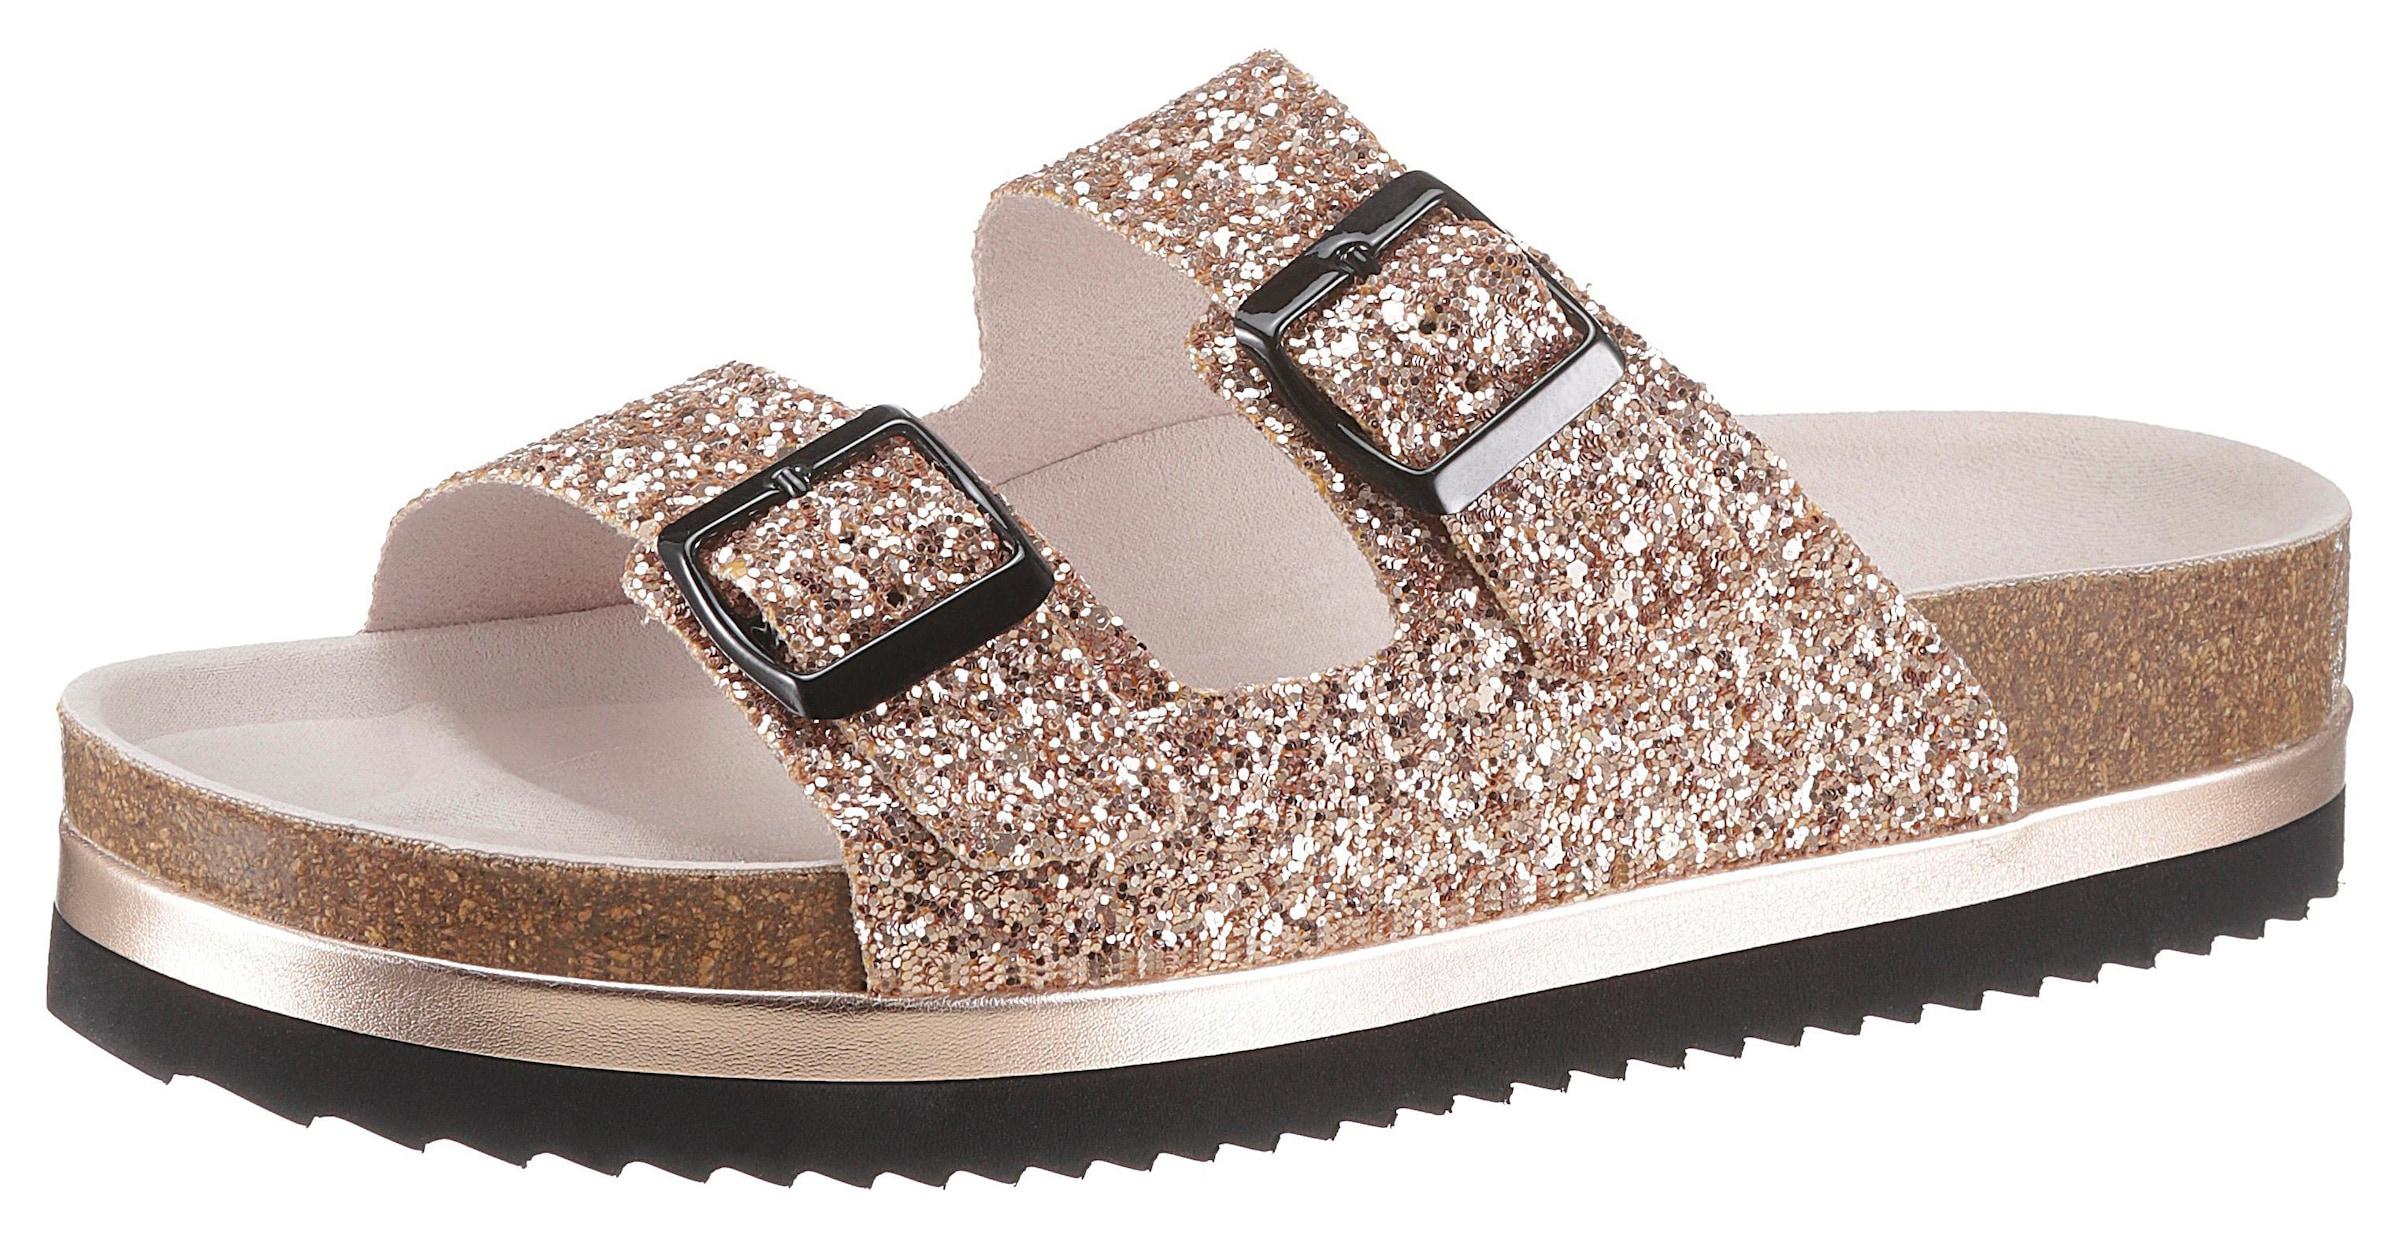 huge discount 28c30 1ccfc Buckle Pantolette 2 Schuhe Esprit Nelly Pantoletten Details ...